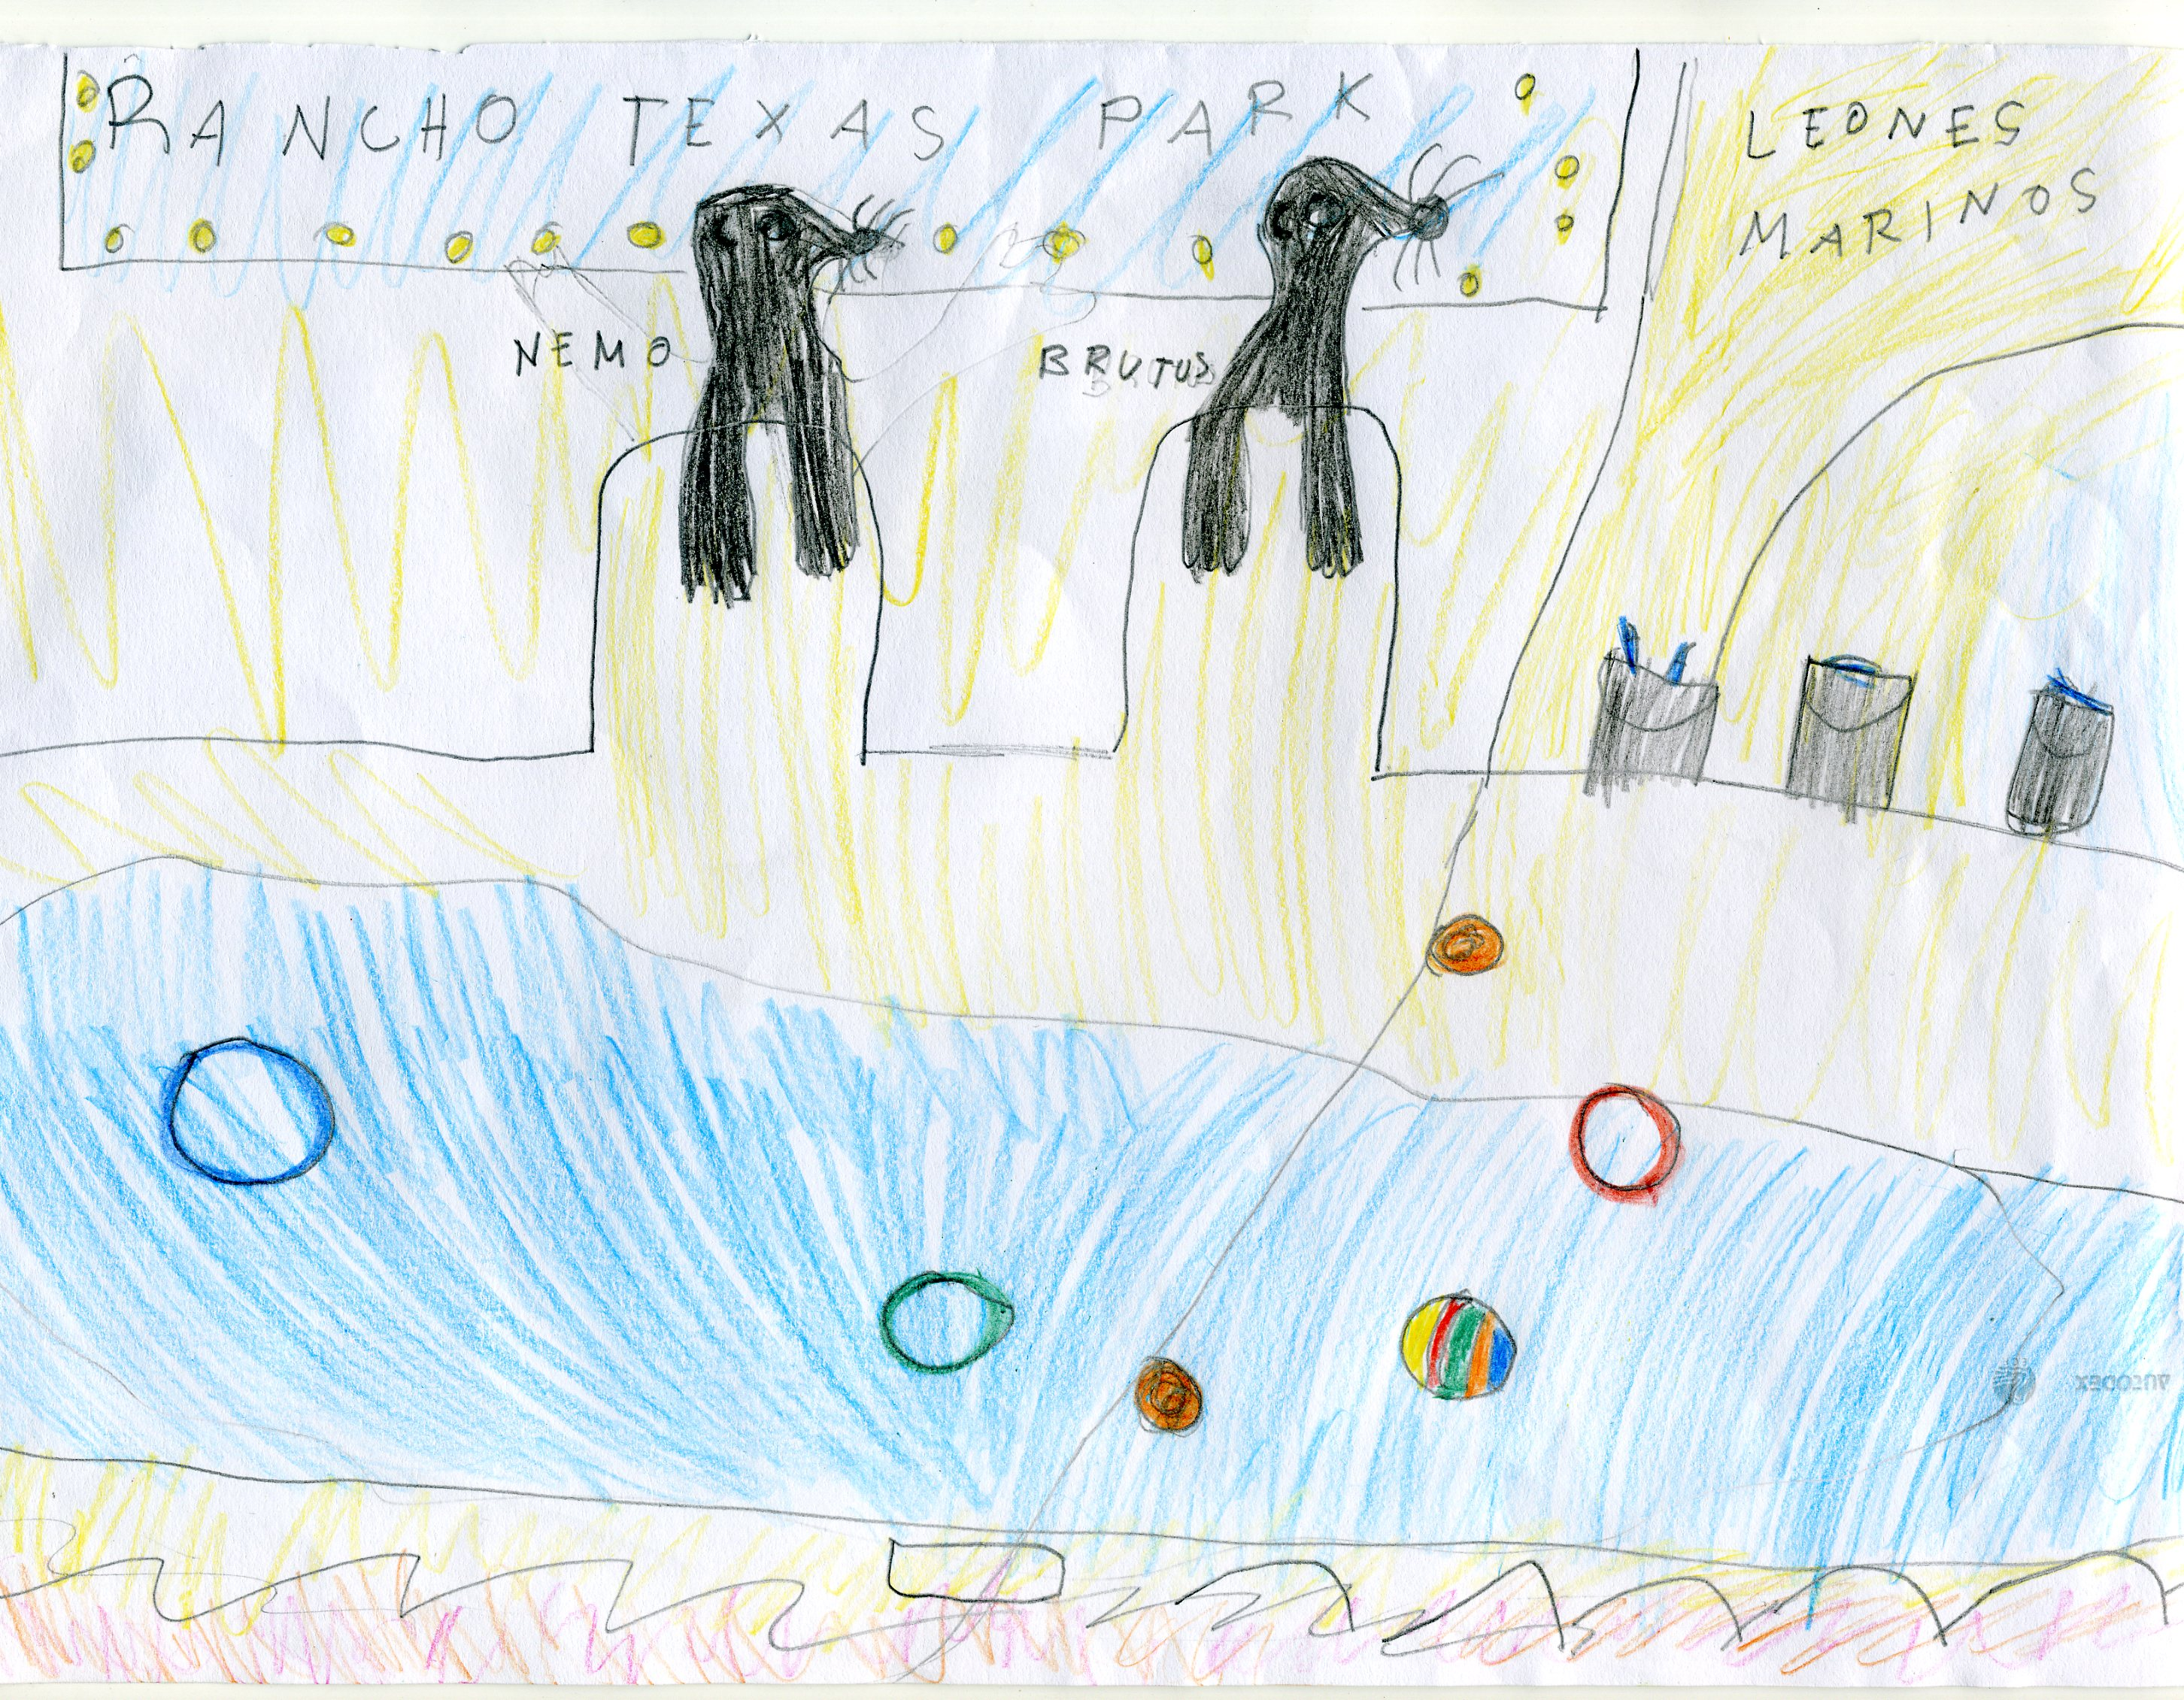 En la Isla de Lanzarote, cerca de la Casa Rural Finca de Uga... hice amigos, entre ellos Nemus y Brutus, simpaticos leones marinos una familia numerosa.